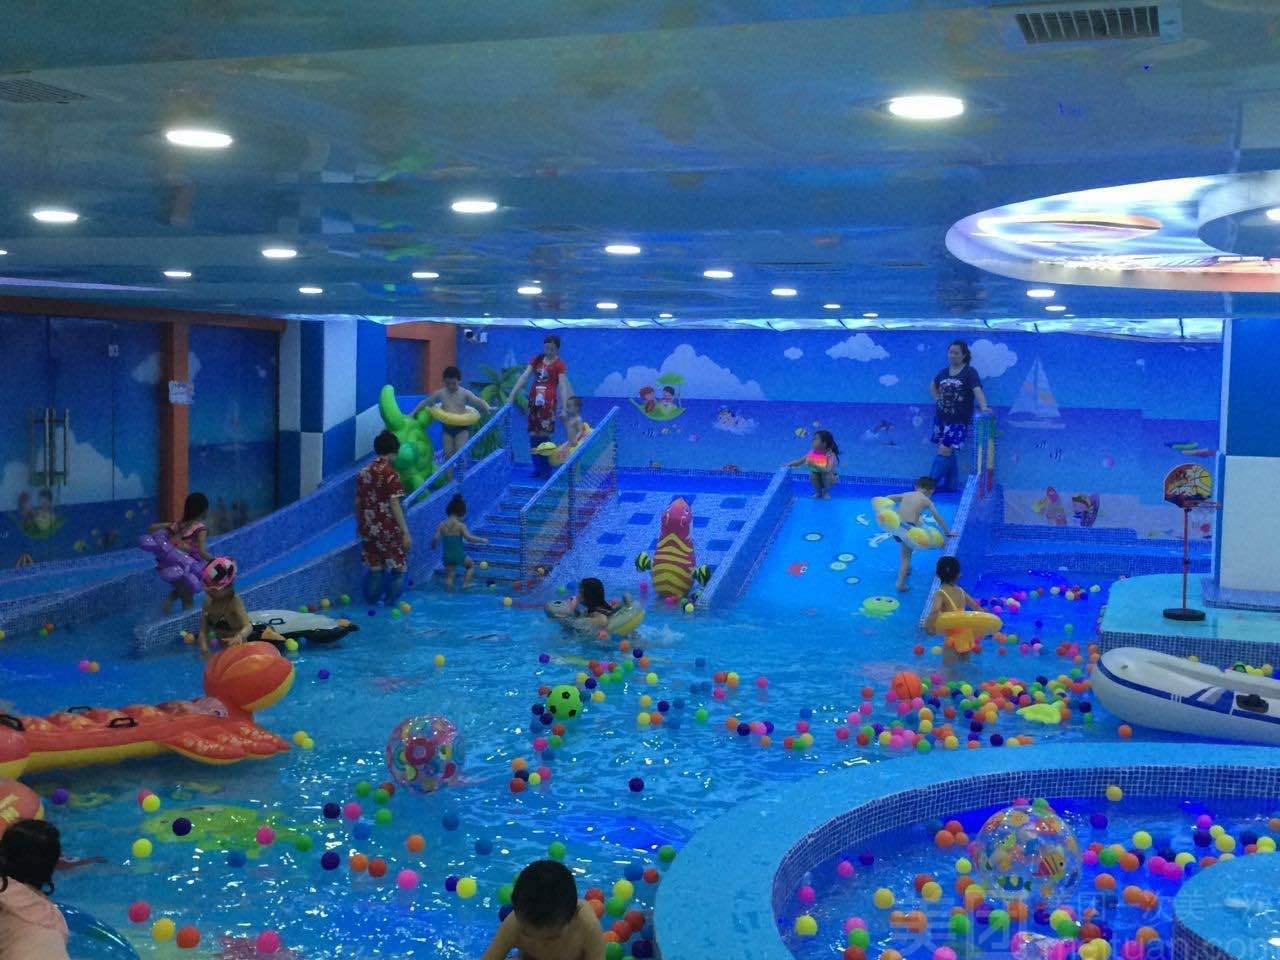 水贝贝儿童水上乐园怎么样 团购水贝贝儿童水上乐园 水上游乐双人10